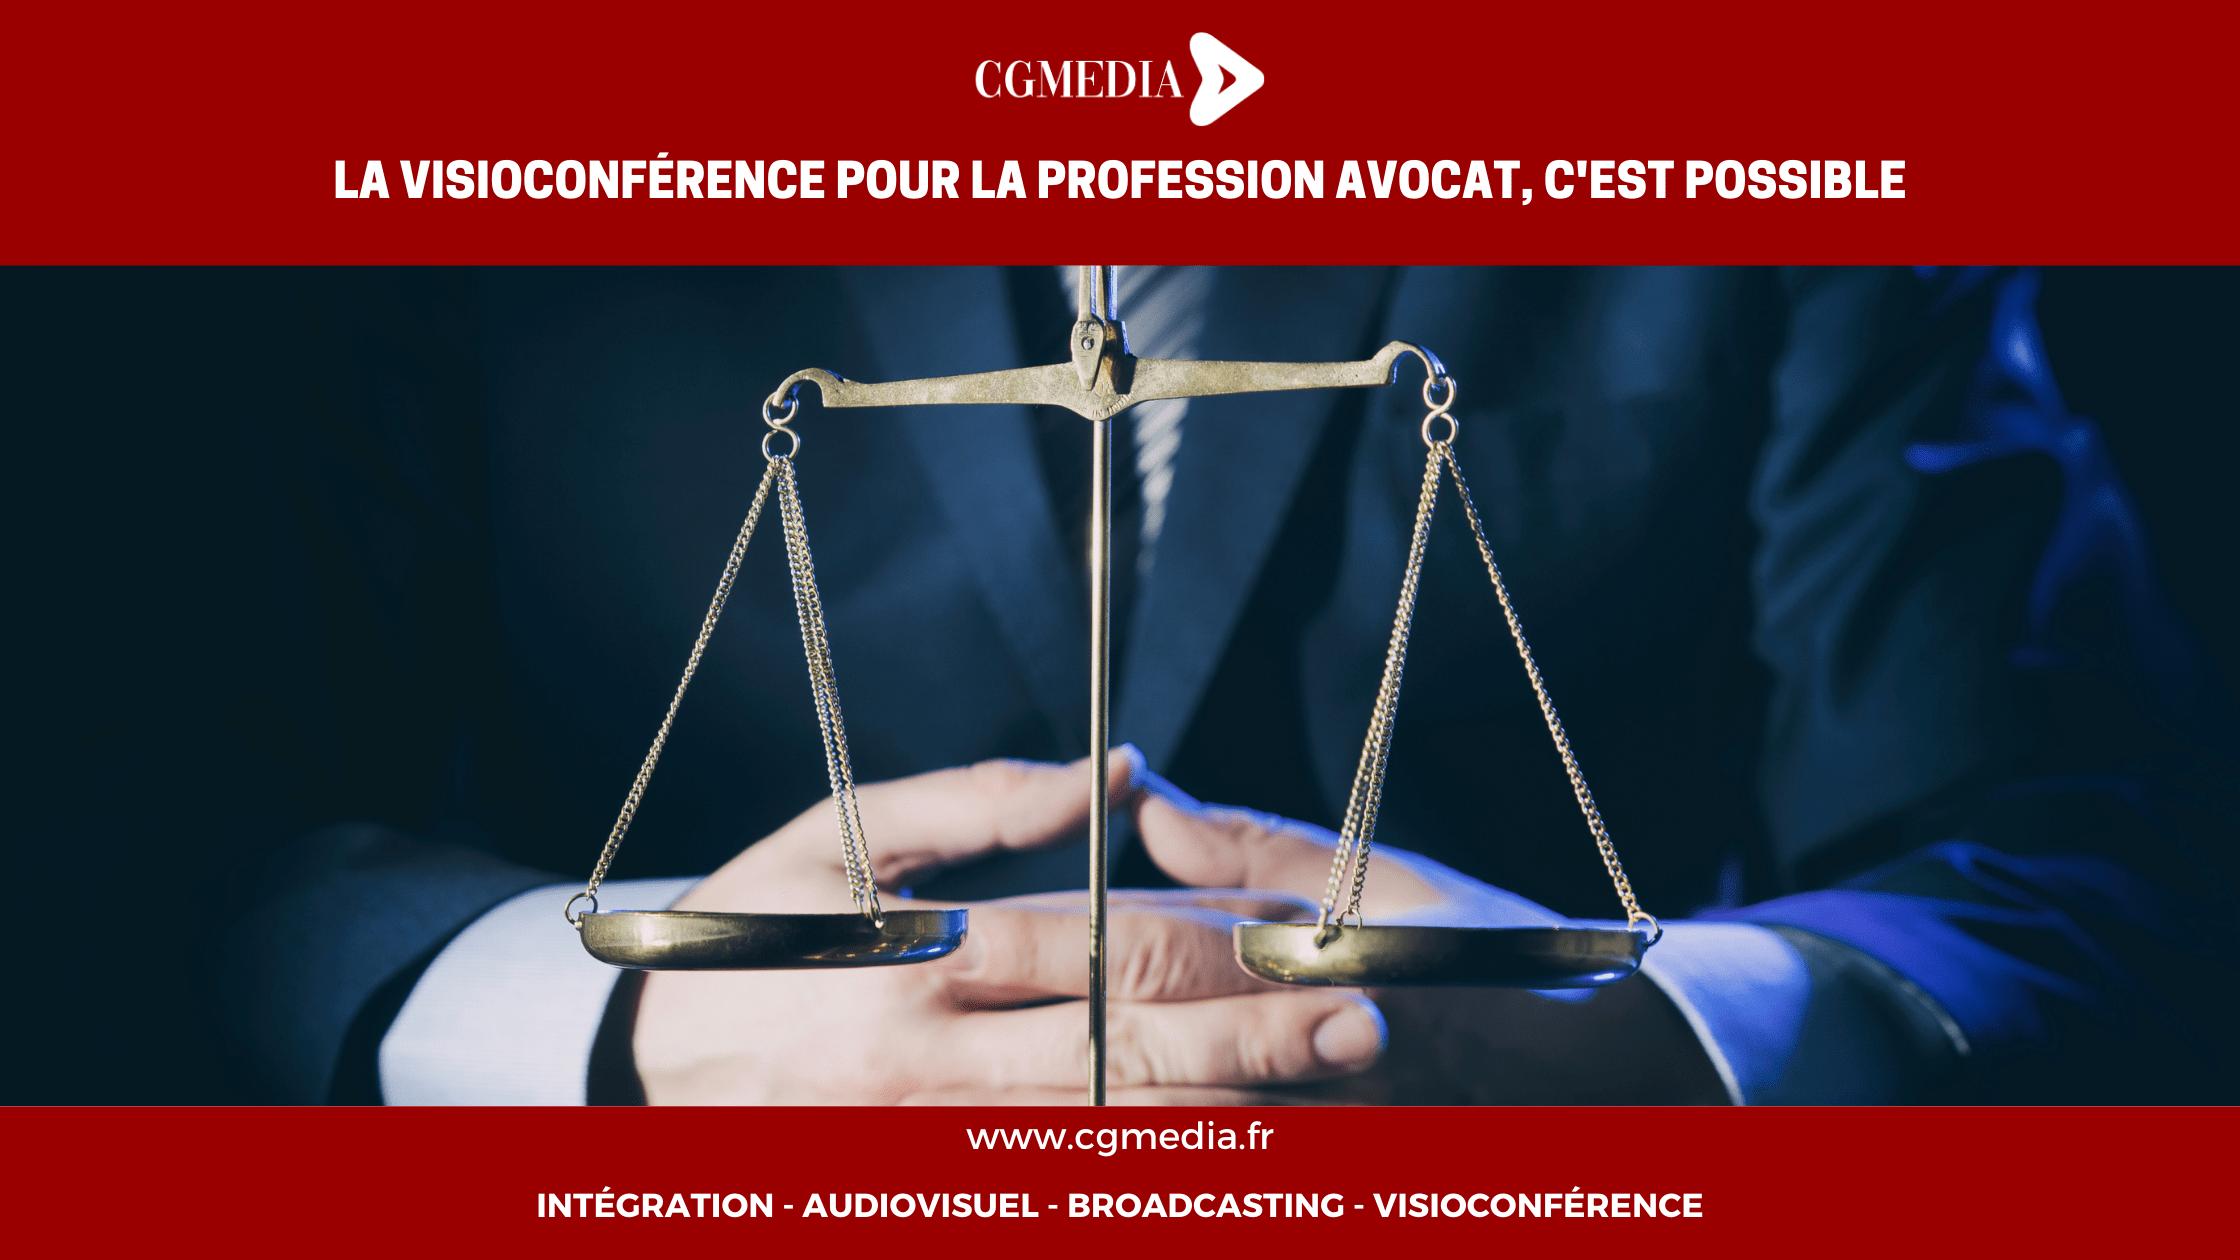 La visioconférence pour la profession d'avocat, c'est possible - CGMEDIA